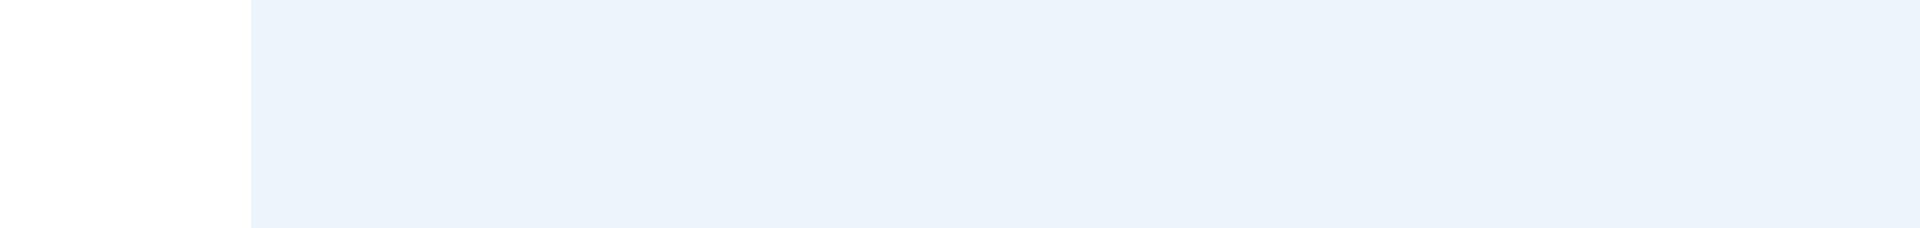 Curve Button Left